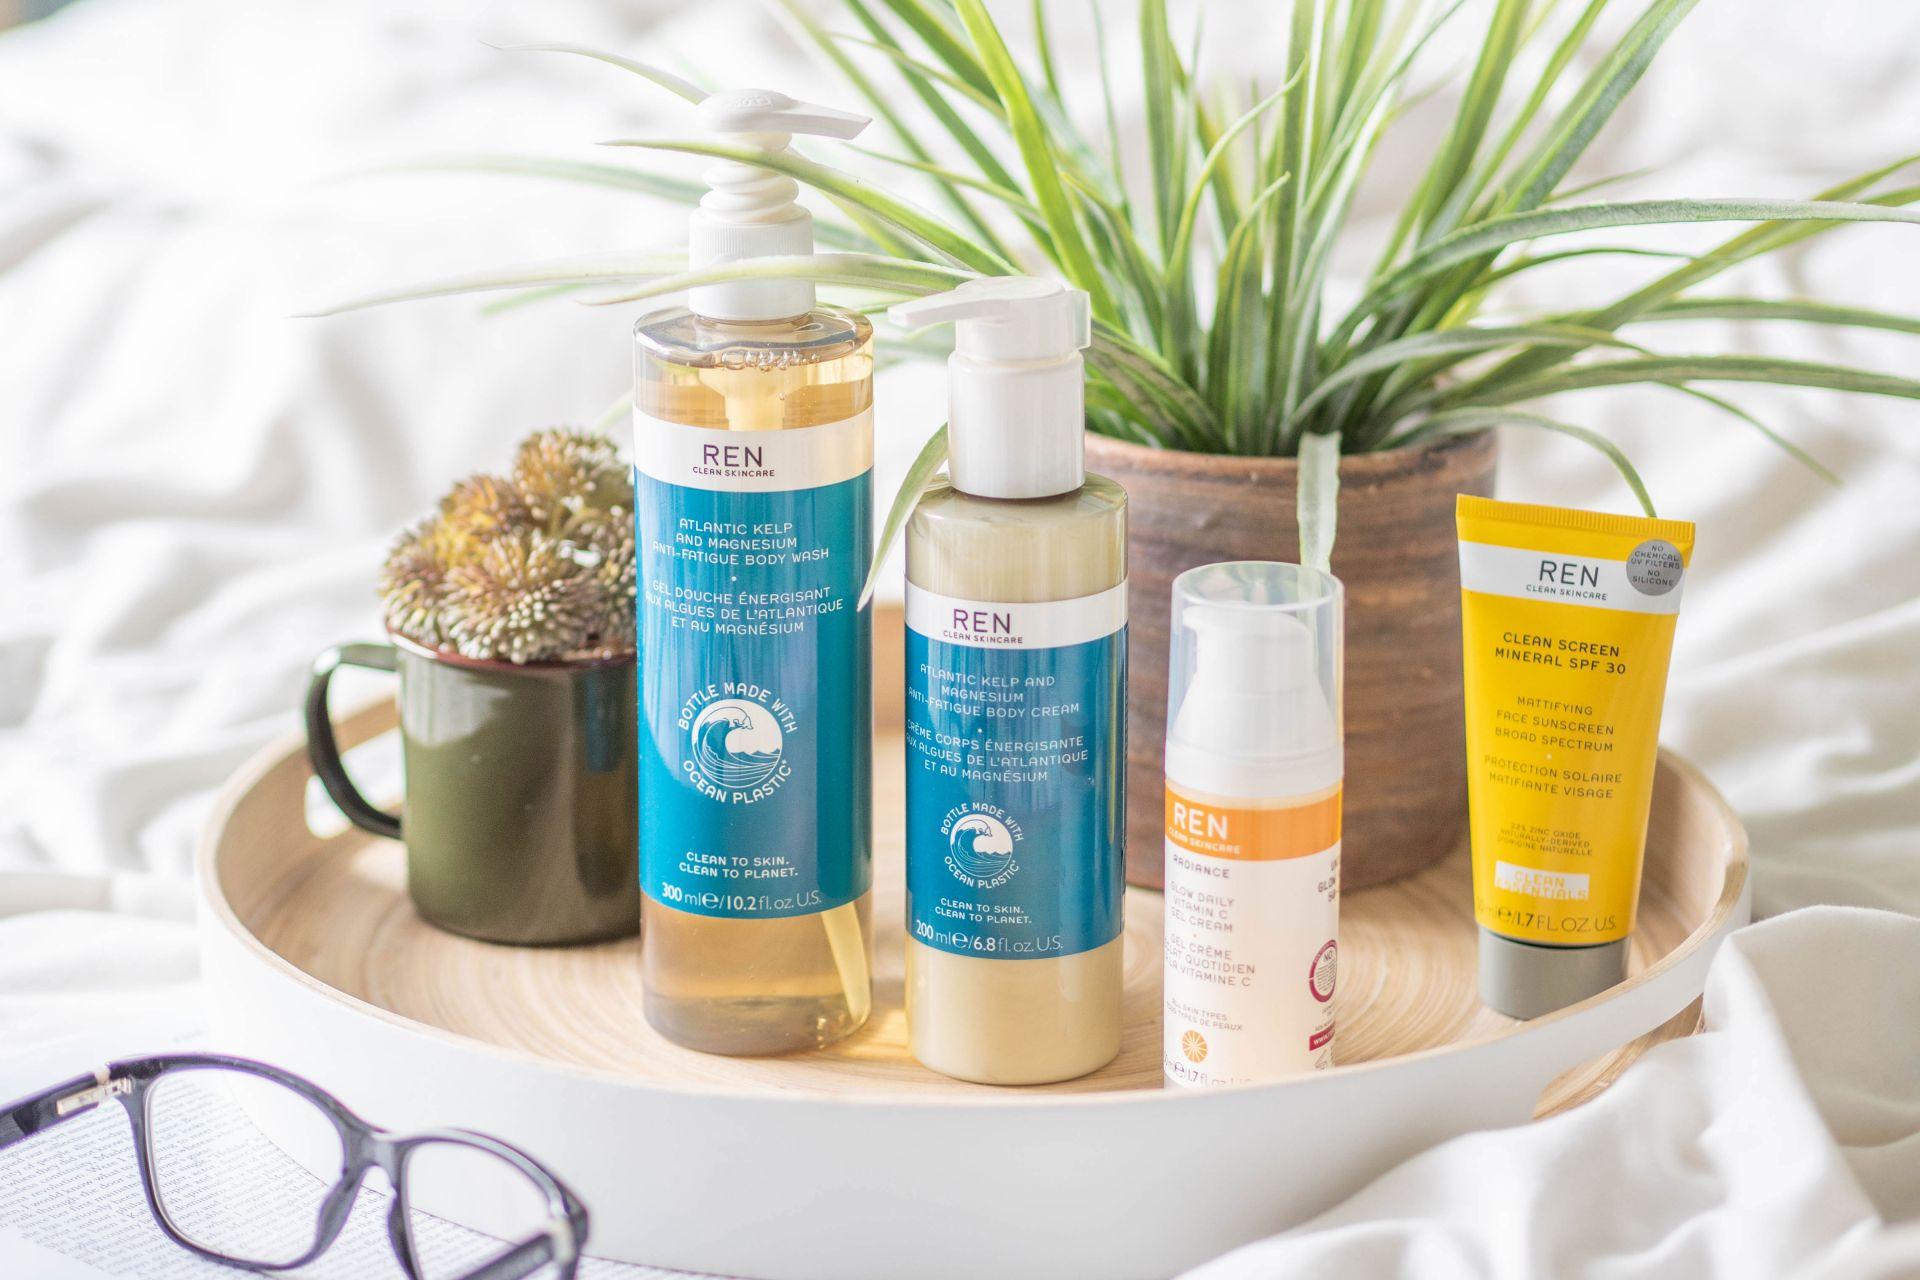 Brand Focus REN Clean Skincare